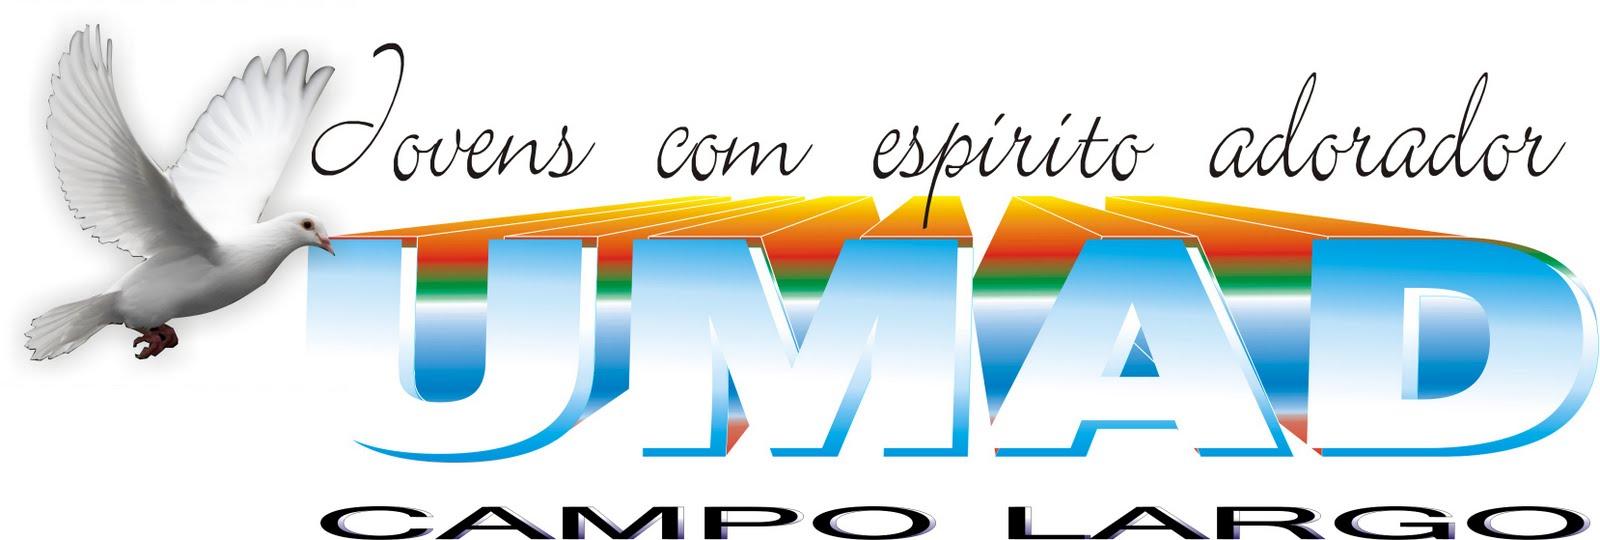 UMAD Campo Largo - Participe, Deus tem uma grande Oportunidade para você...